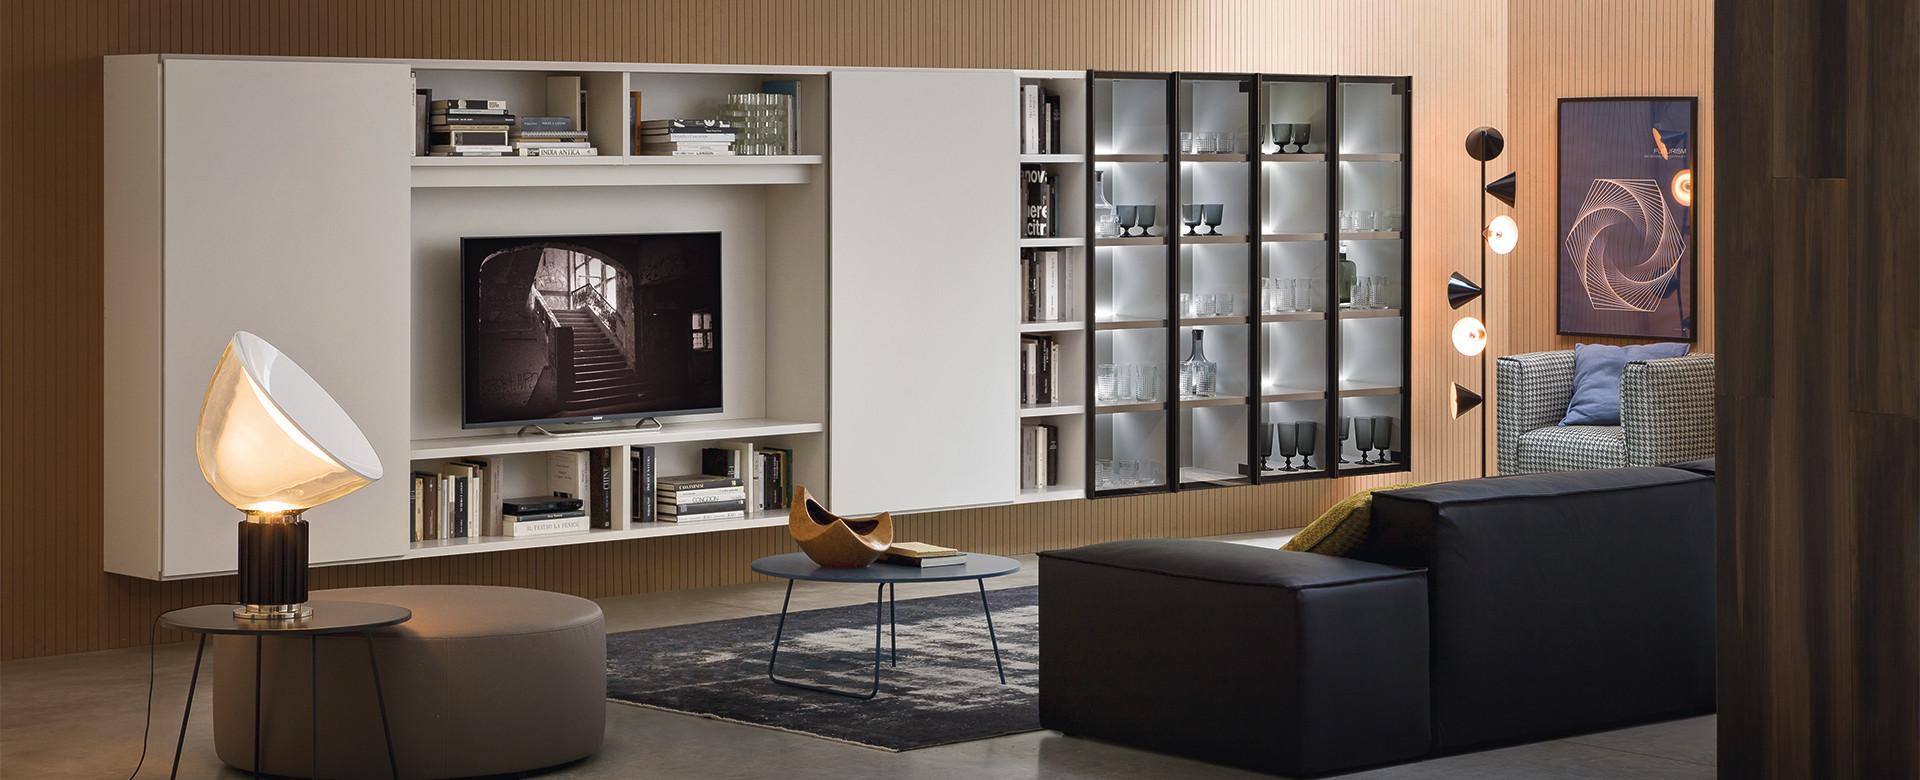 soggiorni | linea casa arredamento - Libreria Novamobili Soggiorno 2